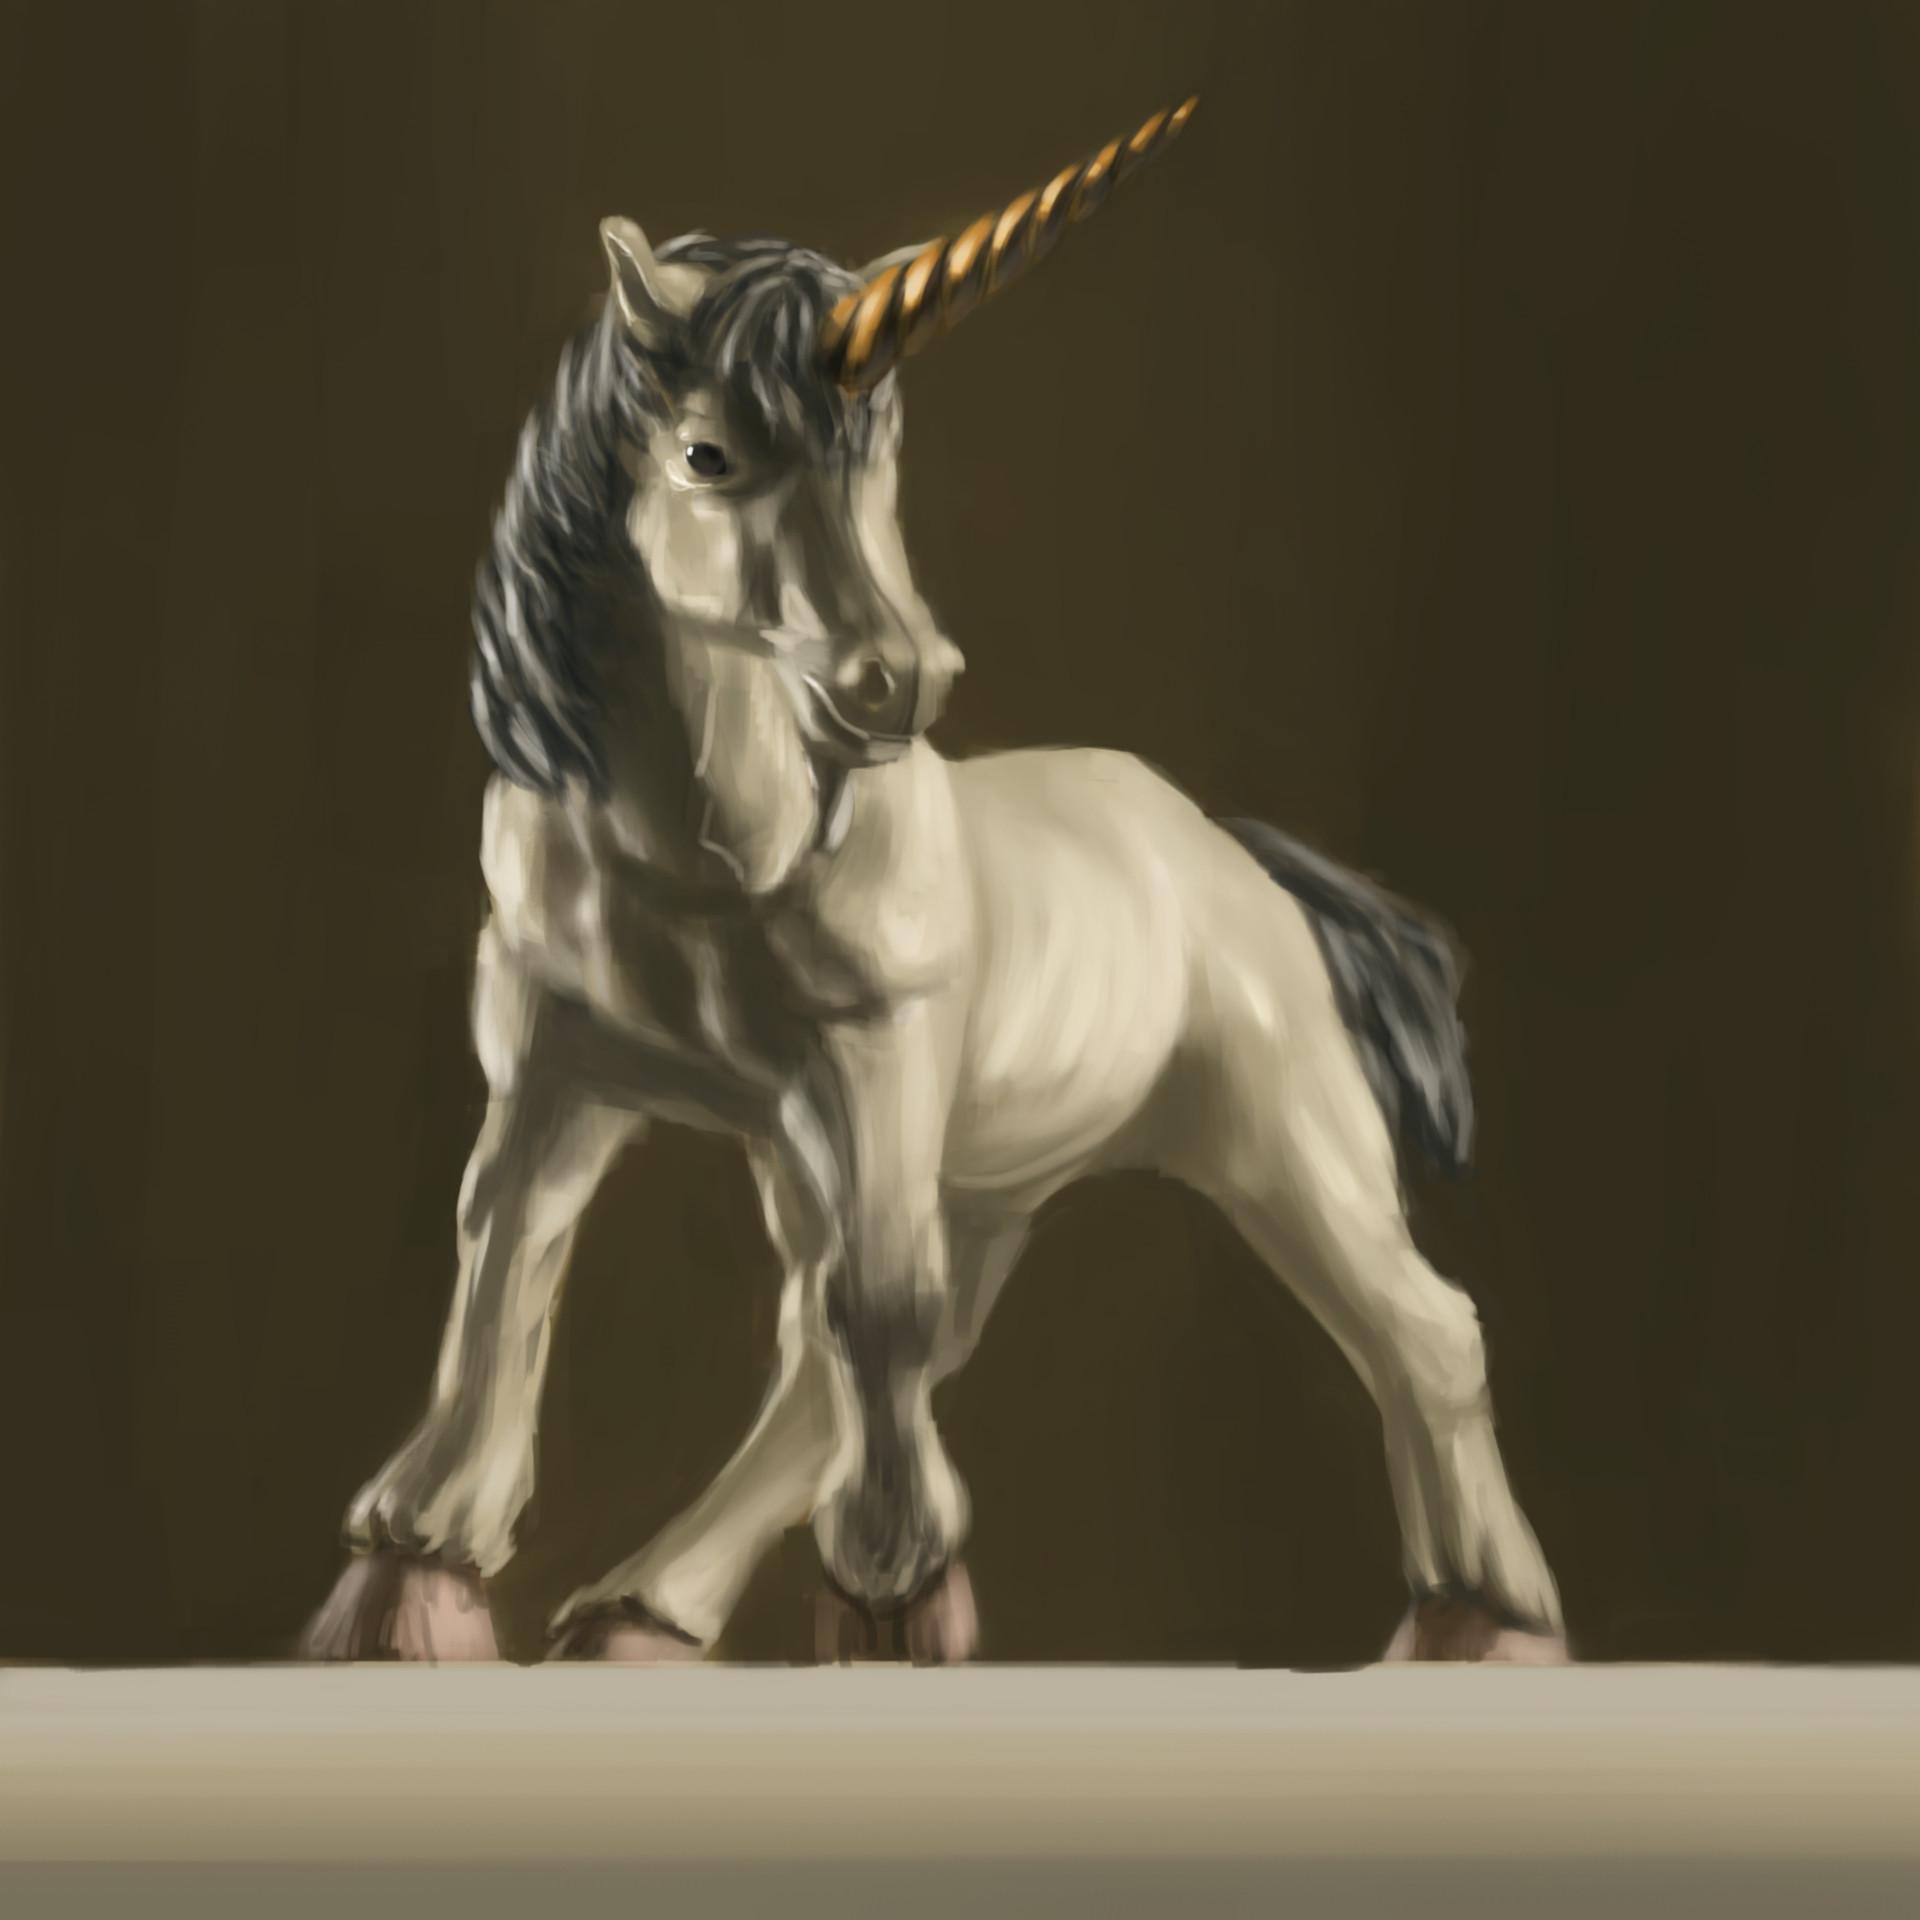 Alexander gorisch paint study 05